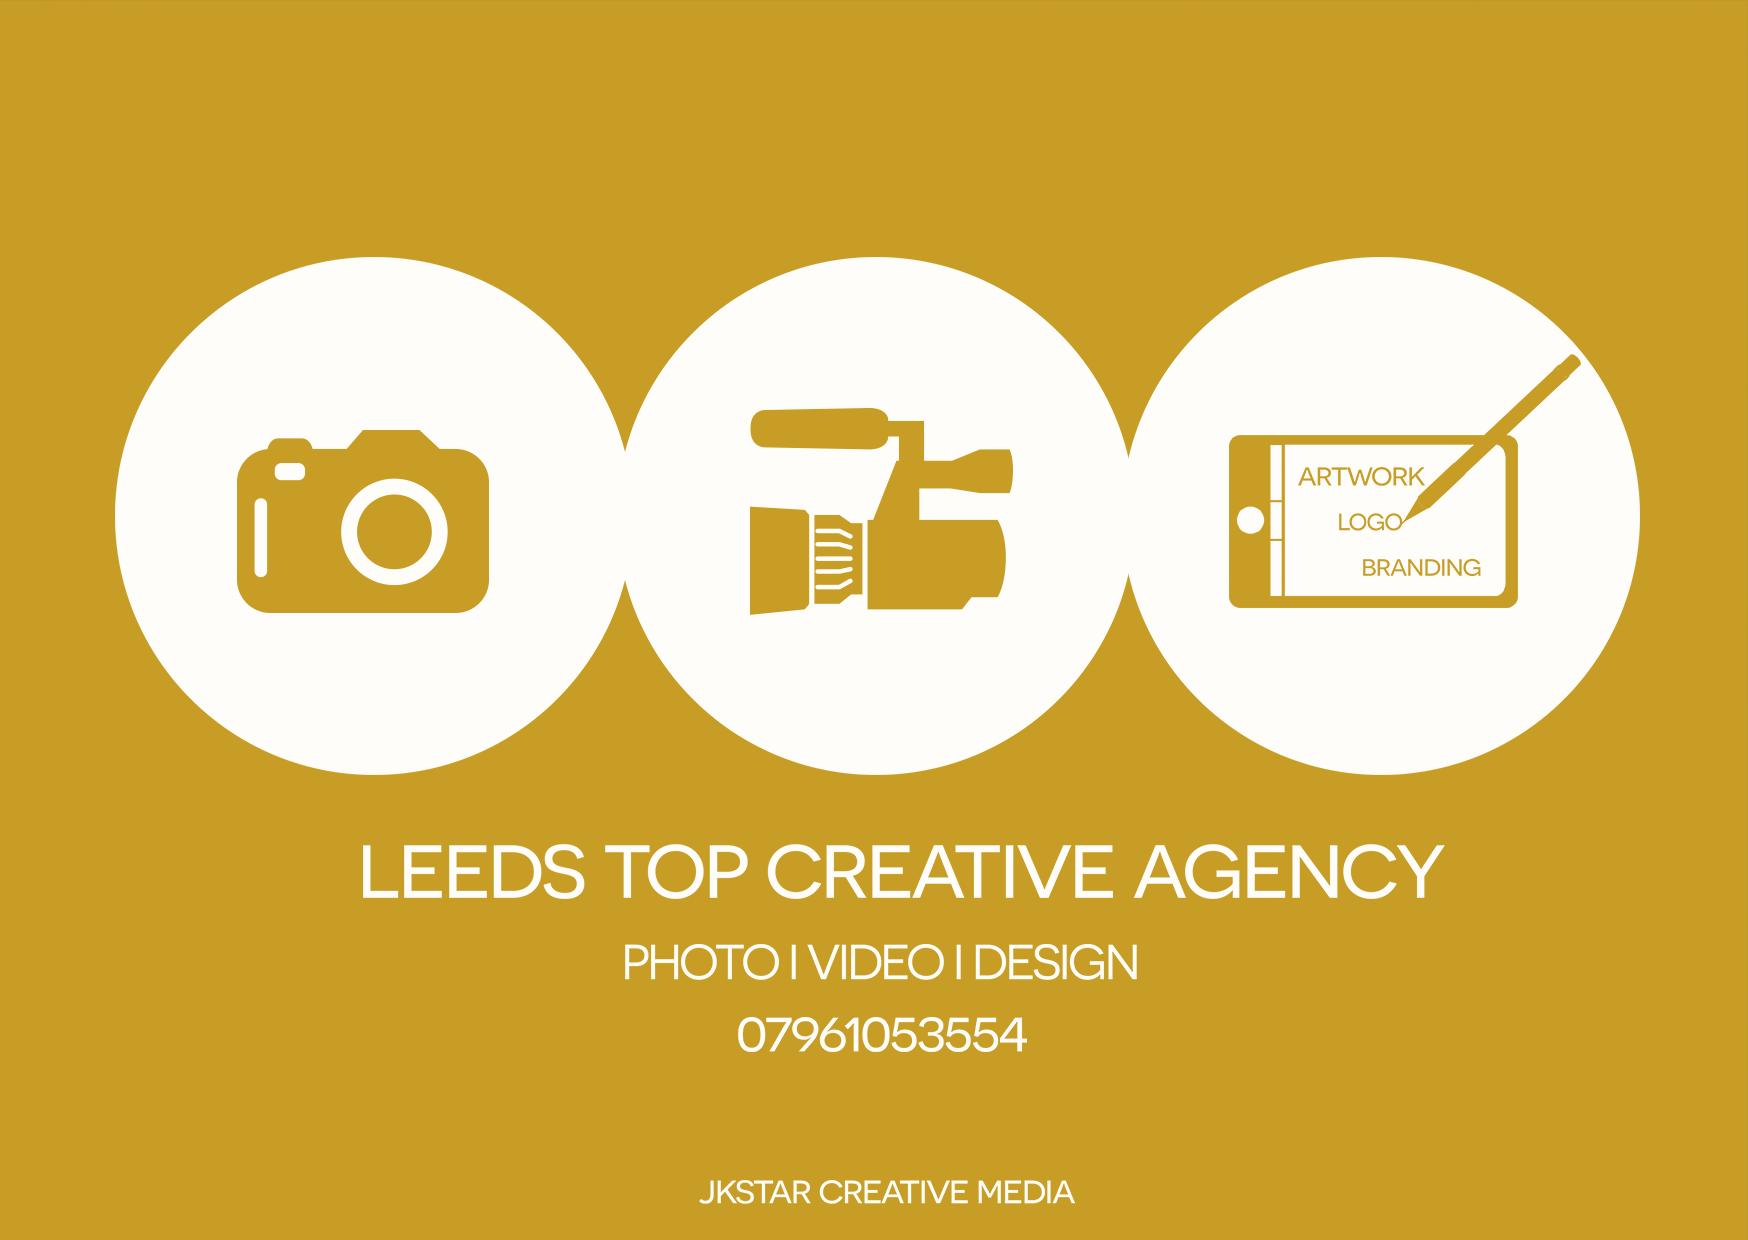 Leeds Top Creative Agency